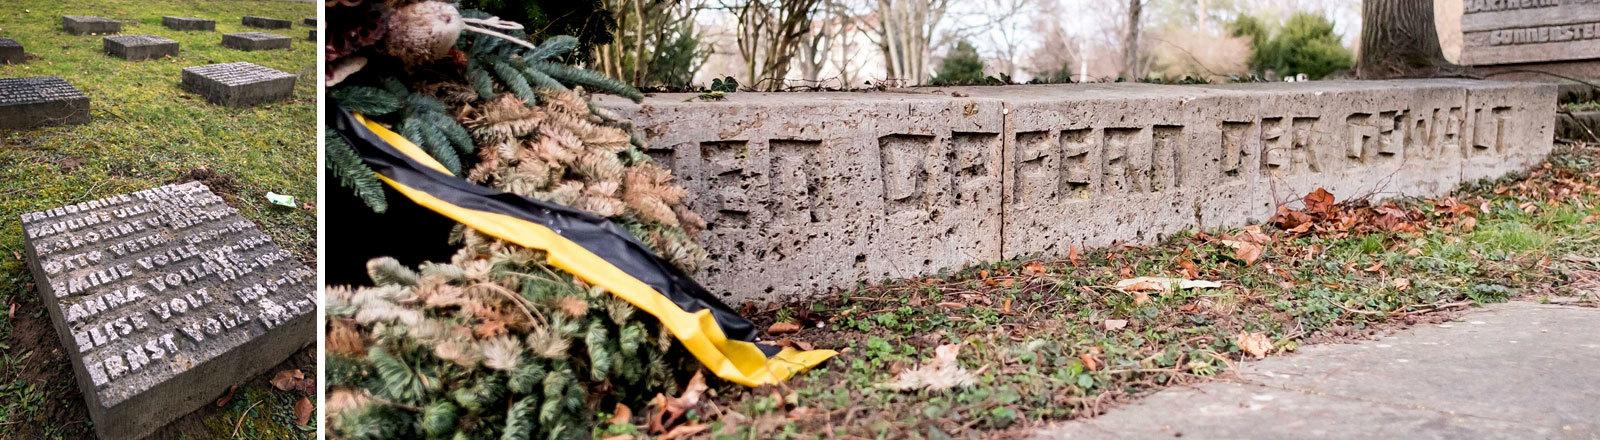 Den Opfern der Gewalt. Am Hauptfriedhof Stuttgart erinnert ein Gräberfeld an 271 Euthanasieopfer.